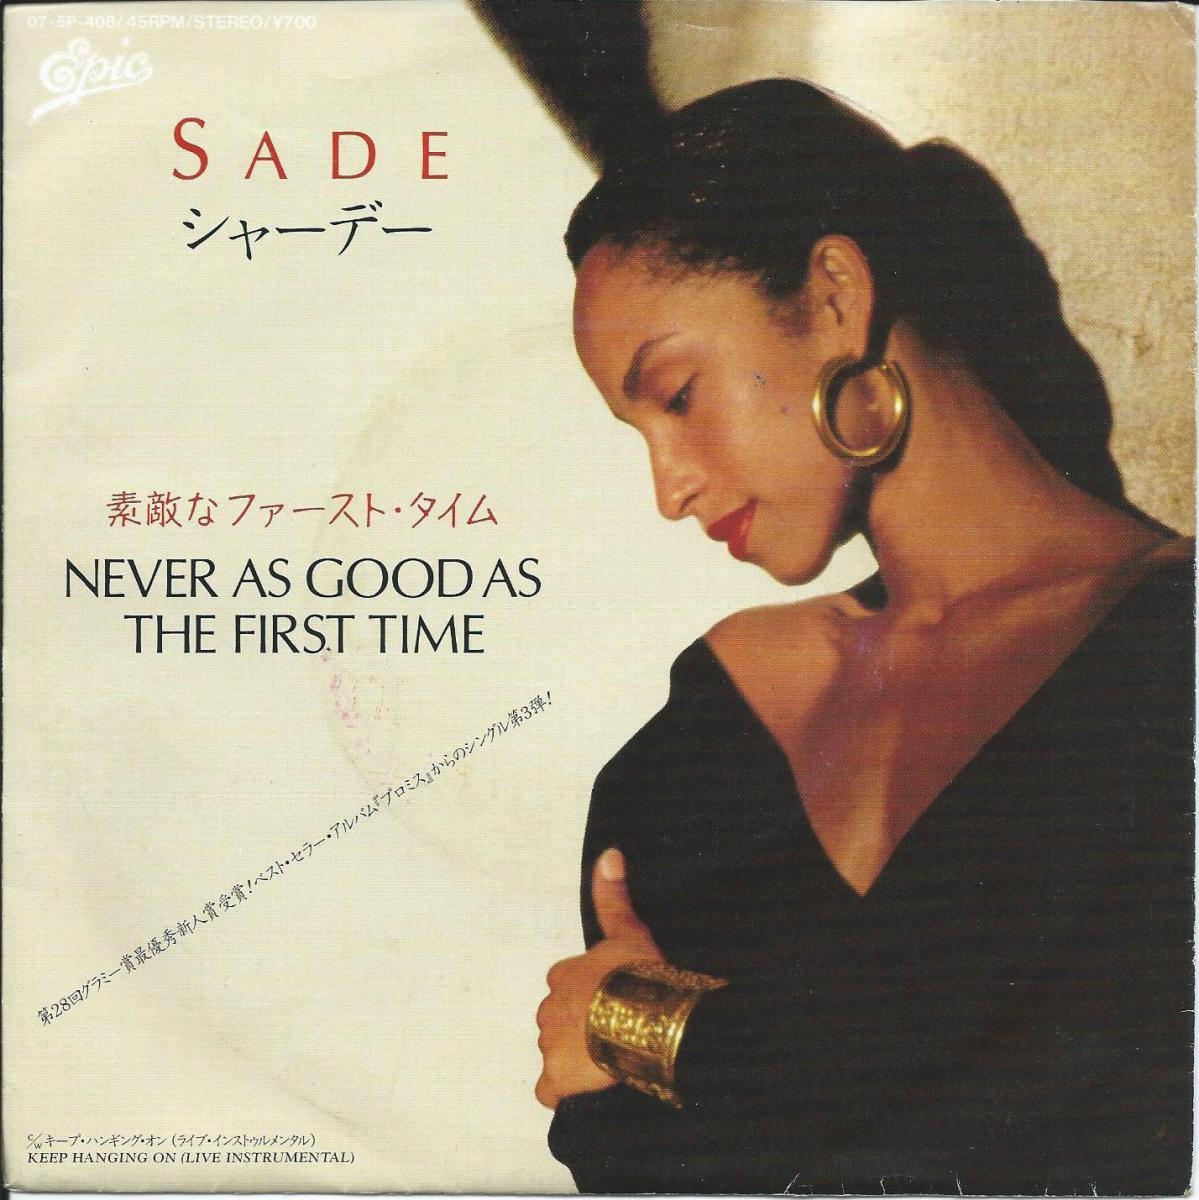 シャーデー SADE / 素敵なファースト・タイム NEVER AS GOOD AS THE FIRST TIME (REMIX EDIT) (7